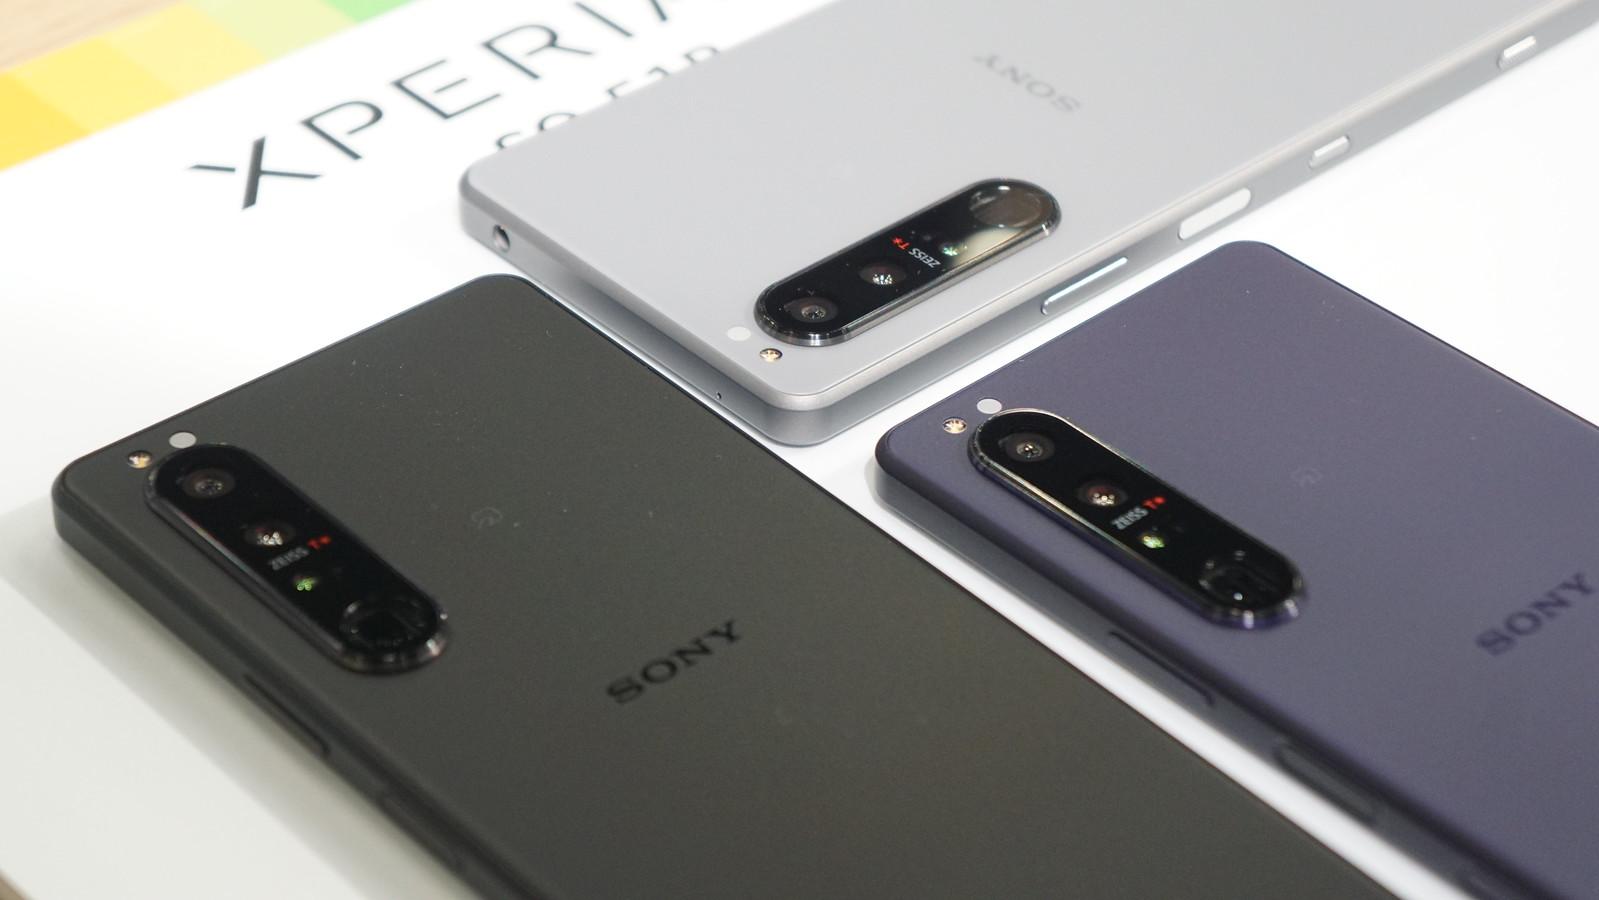 ドコモ、Xperia 1 IIIの価格発表。15.4万円、負担金8.8万円〜